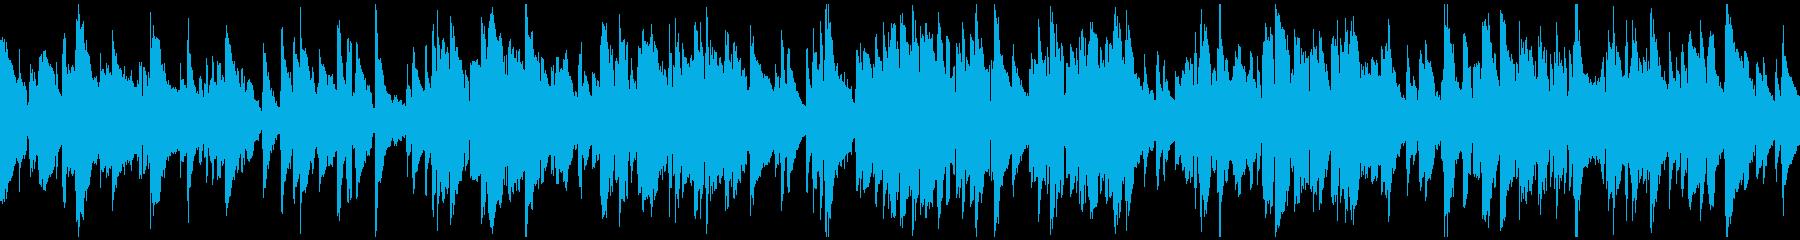 ゆったりくつろぎの癒し系ジャズ※ループ版の再生済みの波形